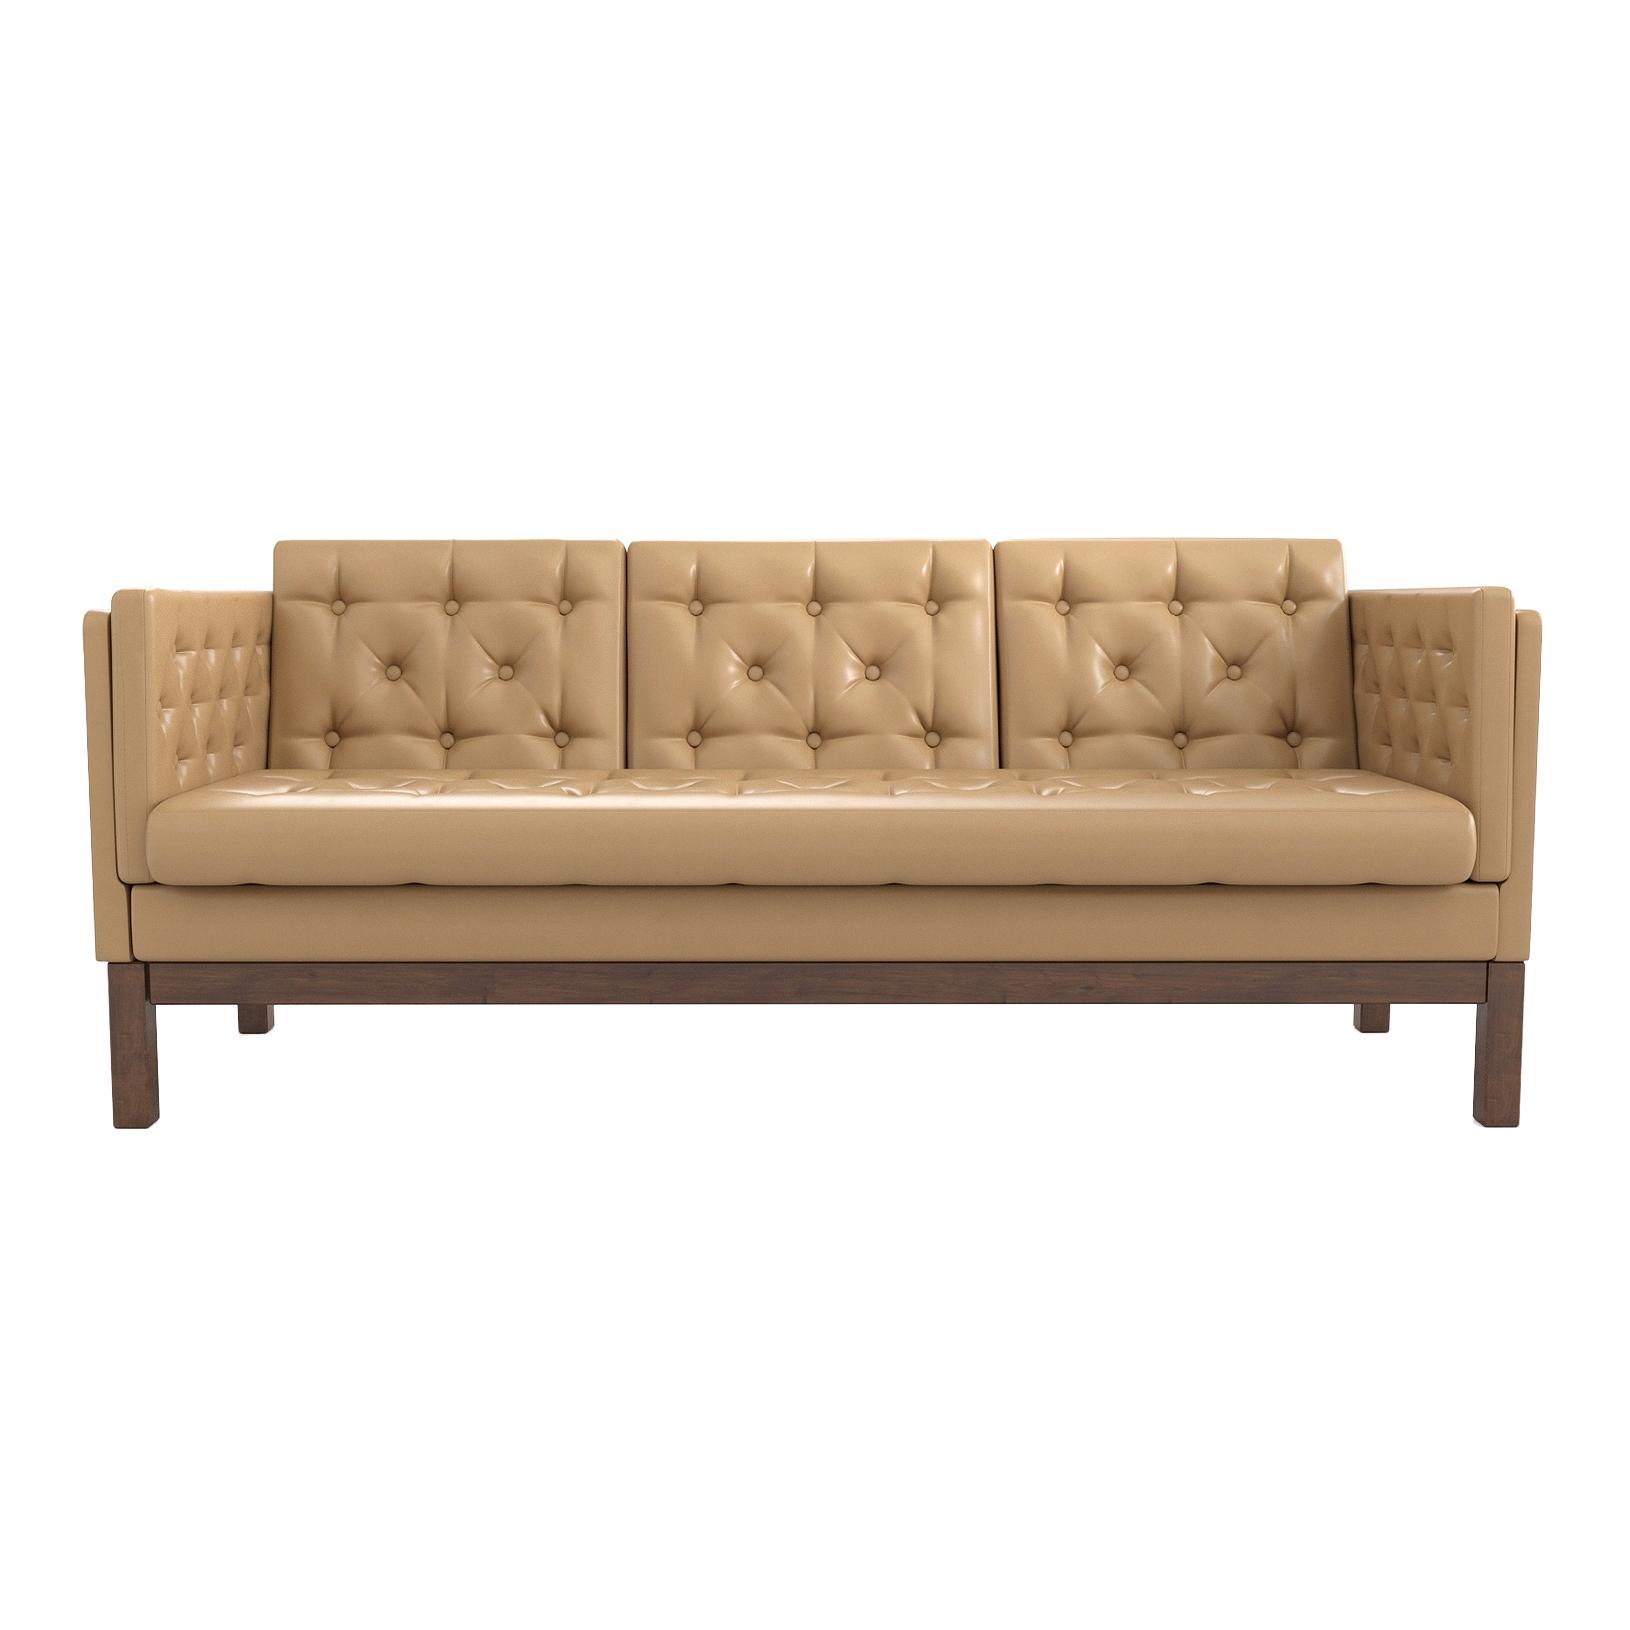 Фото - Диван AS Алана б 193x82x83 орех/кремовый диван as алана м 154x82x83 сосна коричневый